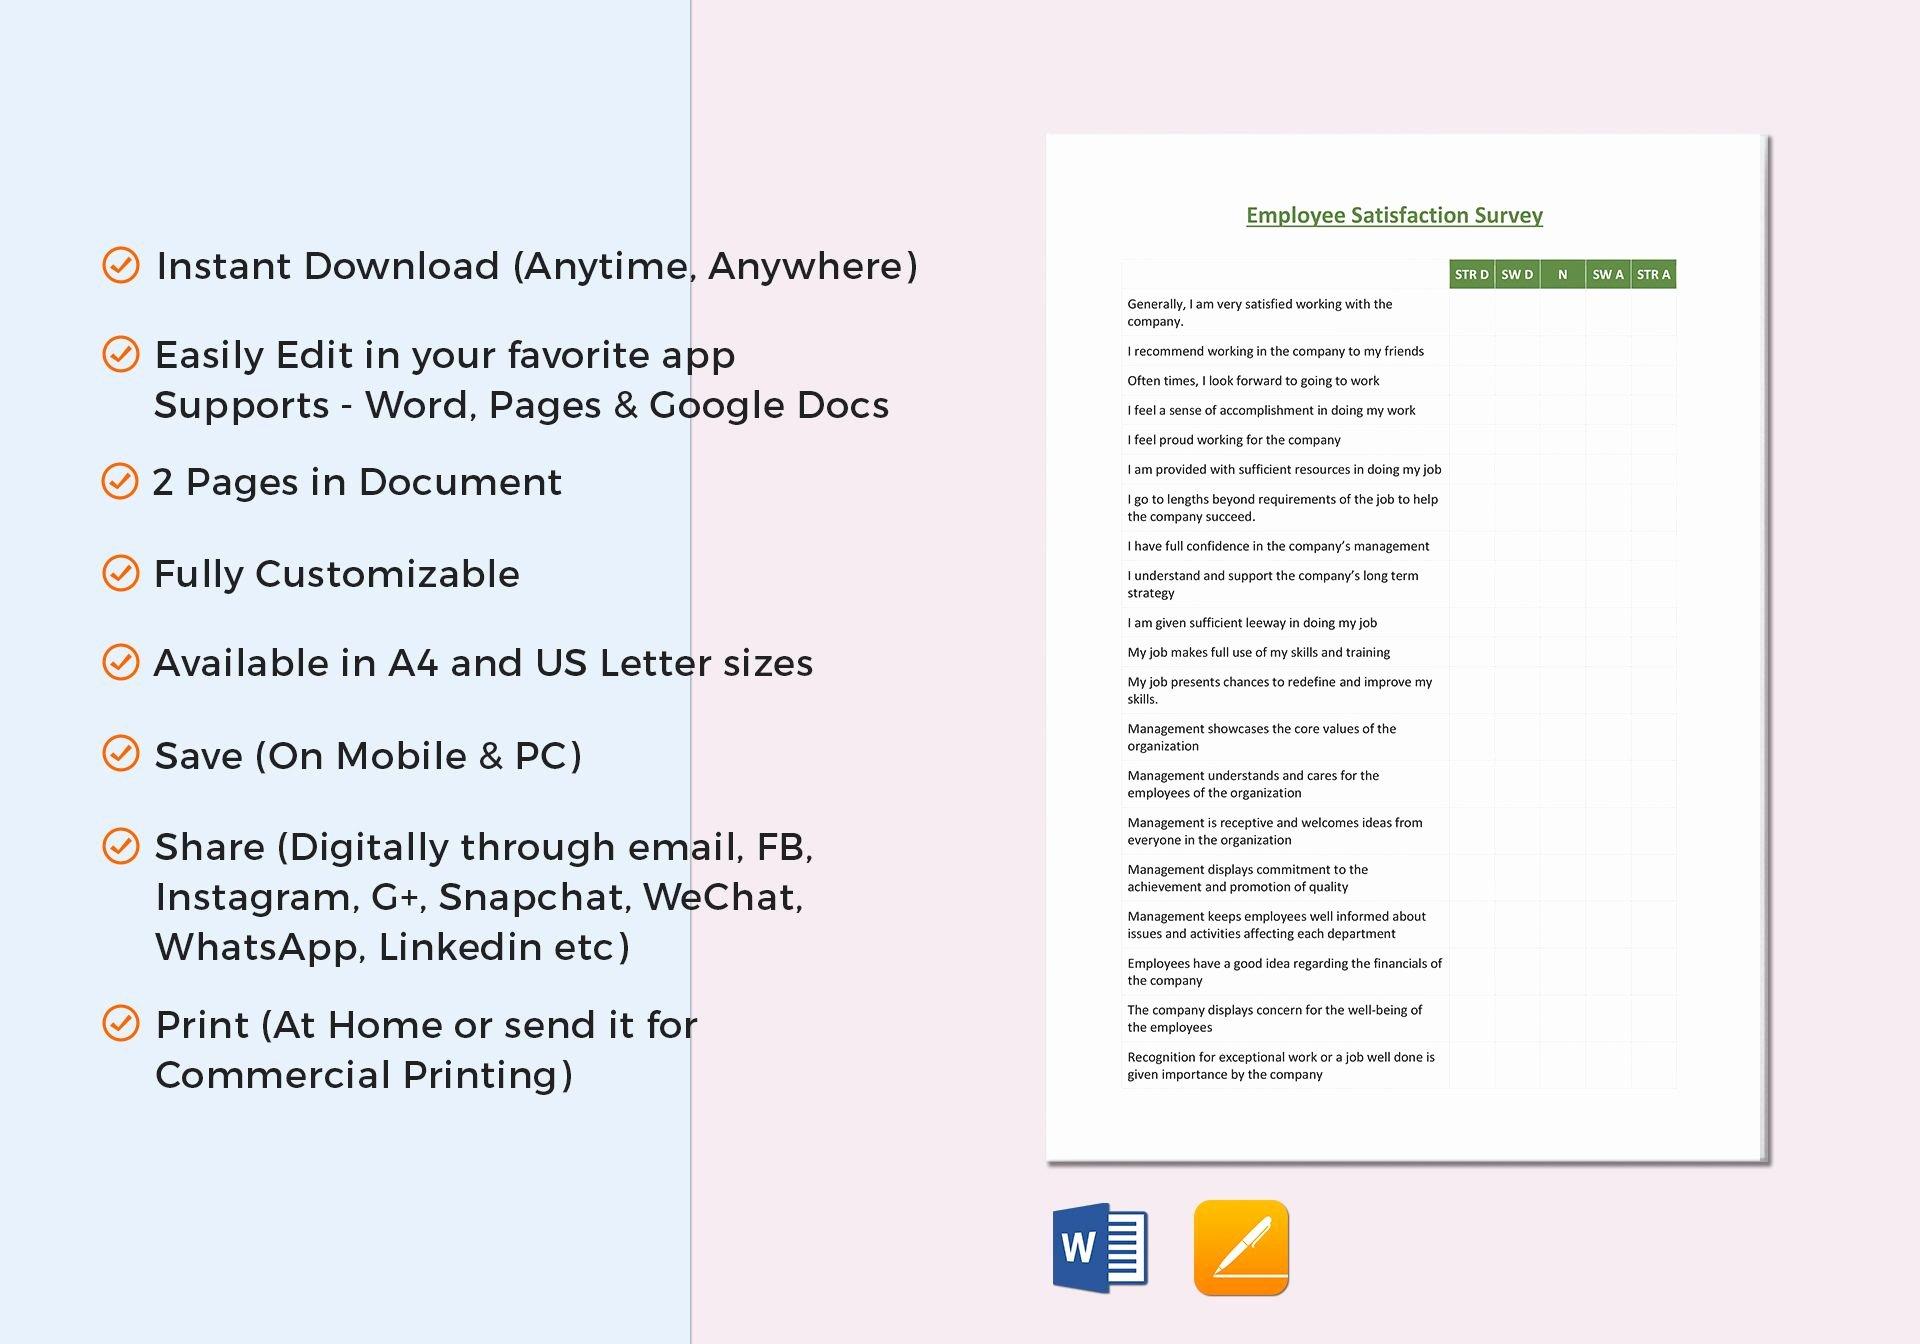 Employee Satisfaction Survey Questionnaire Doc Fresh Employee Satisfaction Survey Template In Word Google Docs